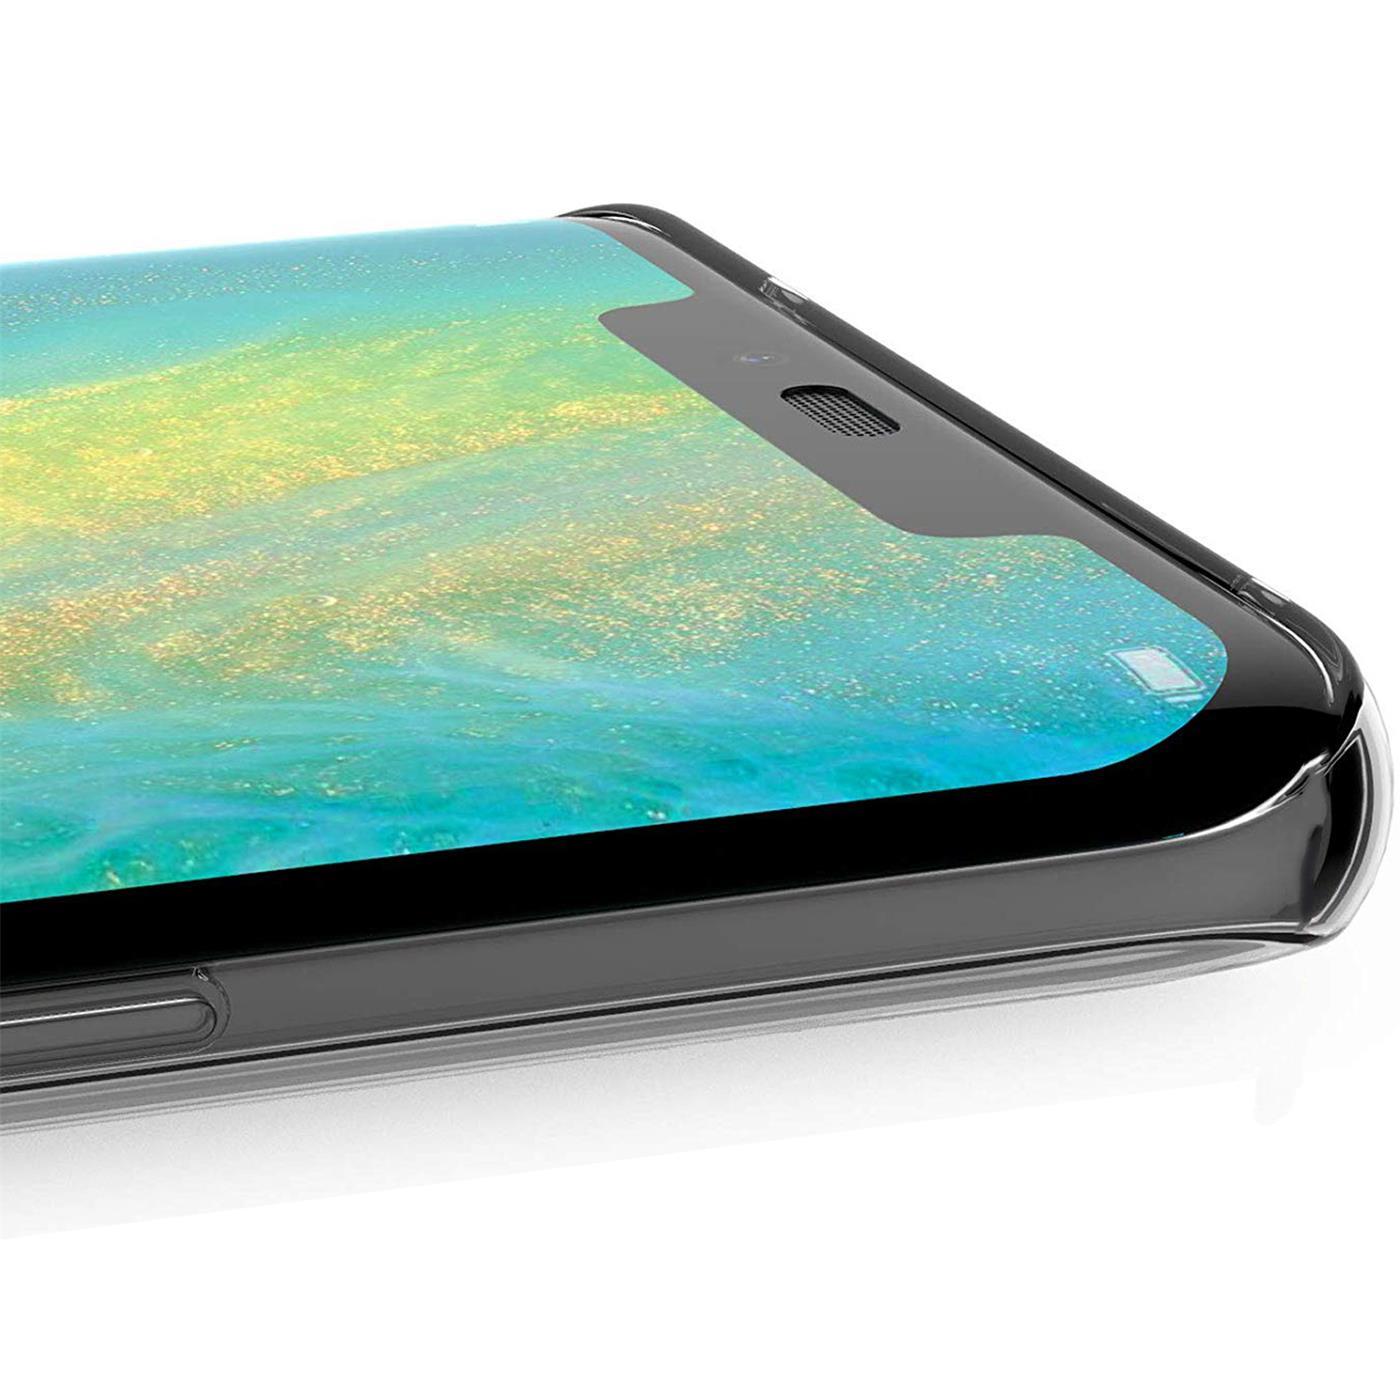 Huawei-P30-Lite-Motiv-Handy-Huelle-Silikon-Tasche-Schutzhuelle-Cover-Slim-TPU-Case Indexbild 18